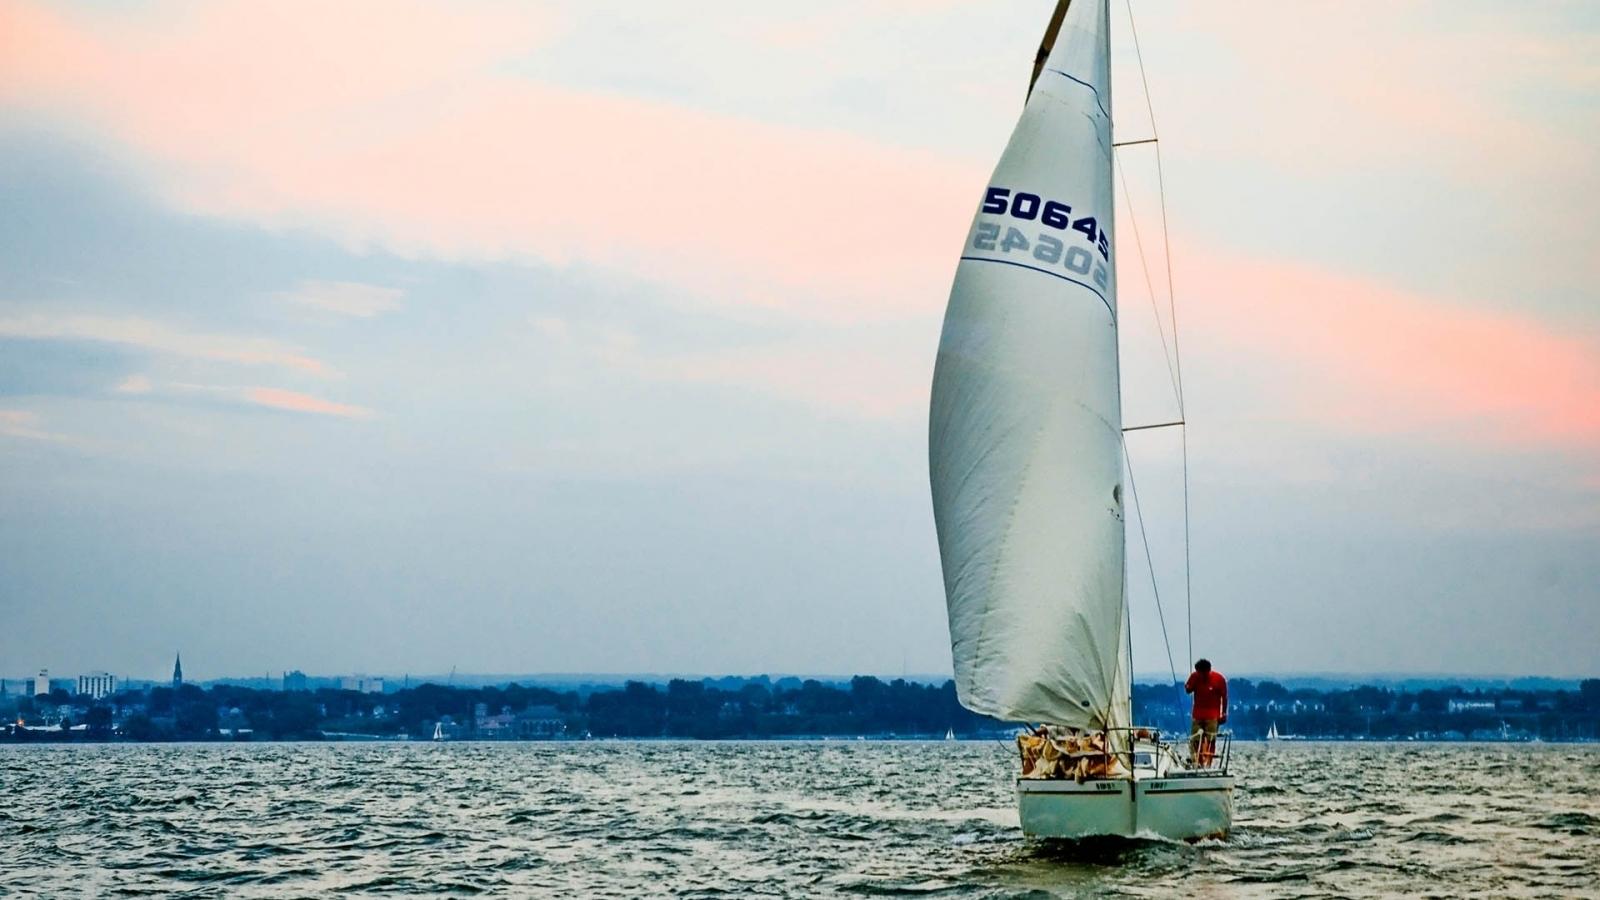 Un velero en altamar - 1600x900